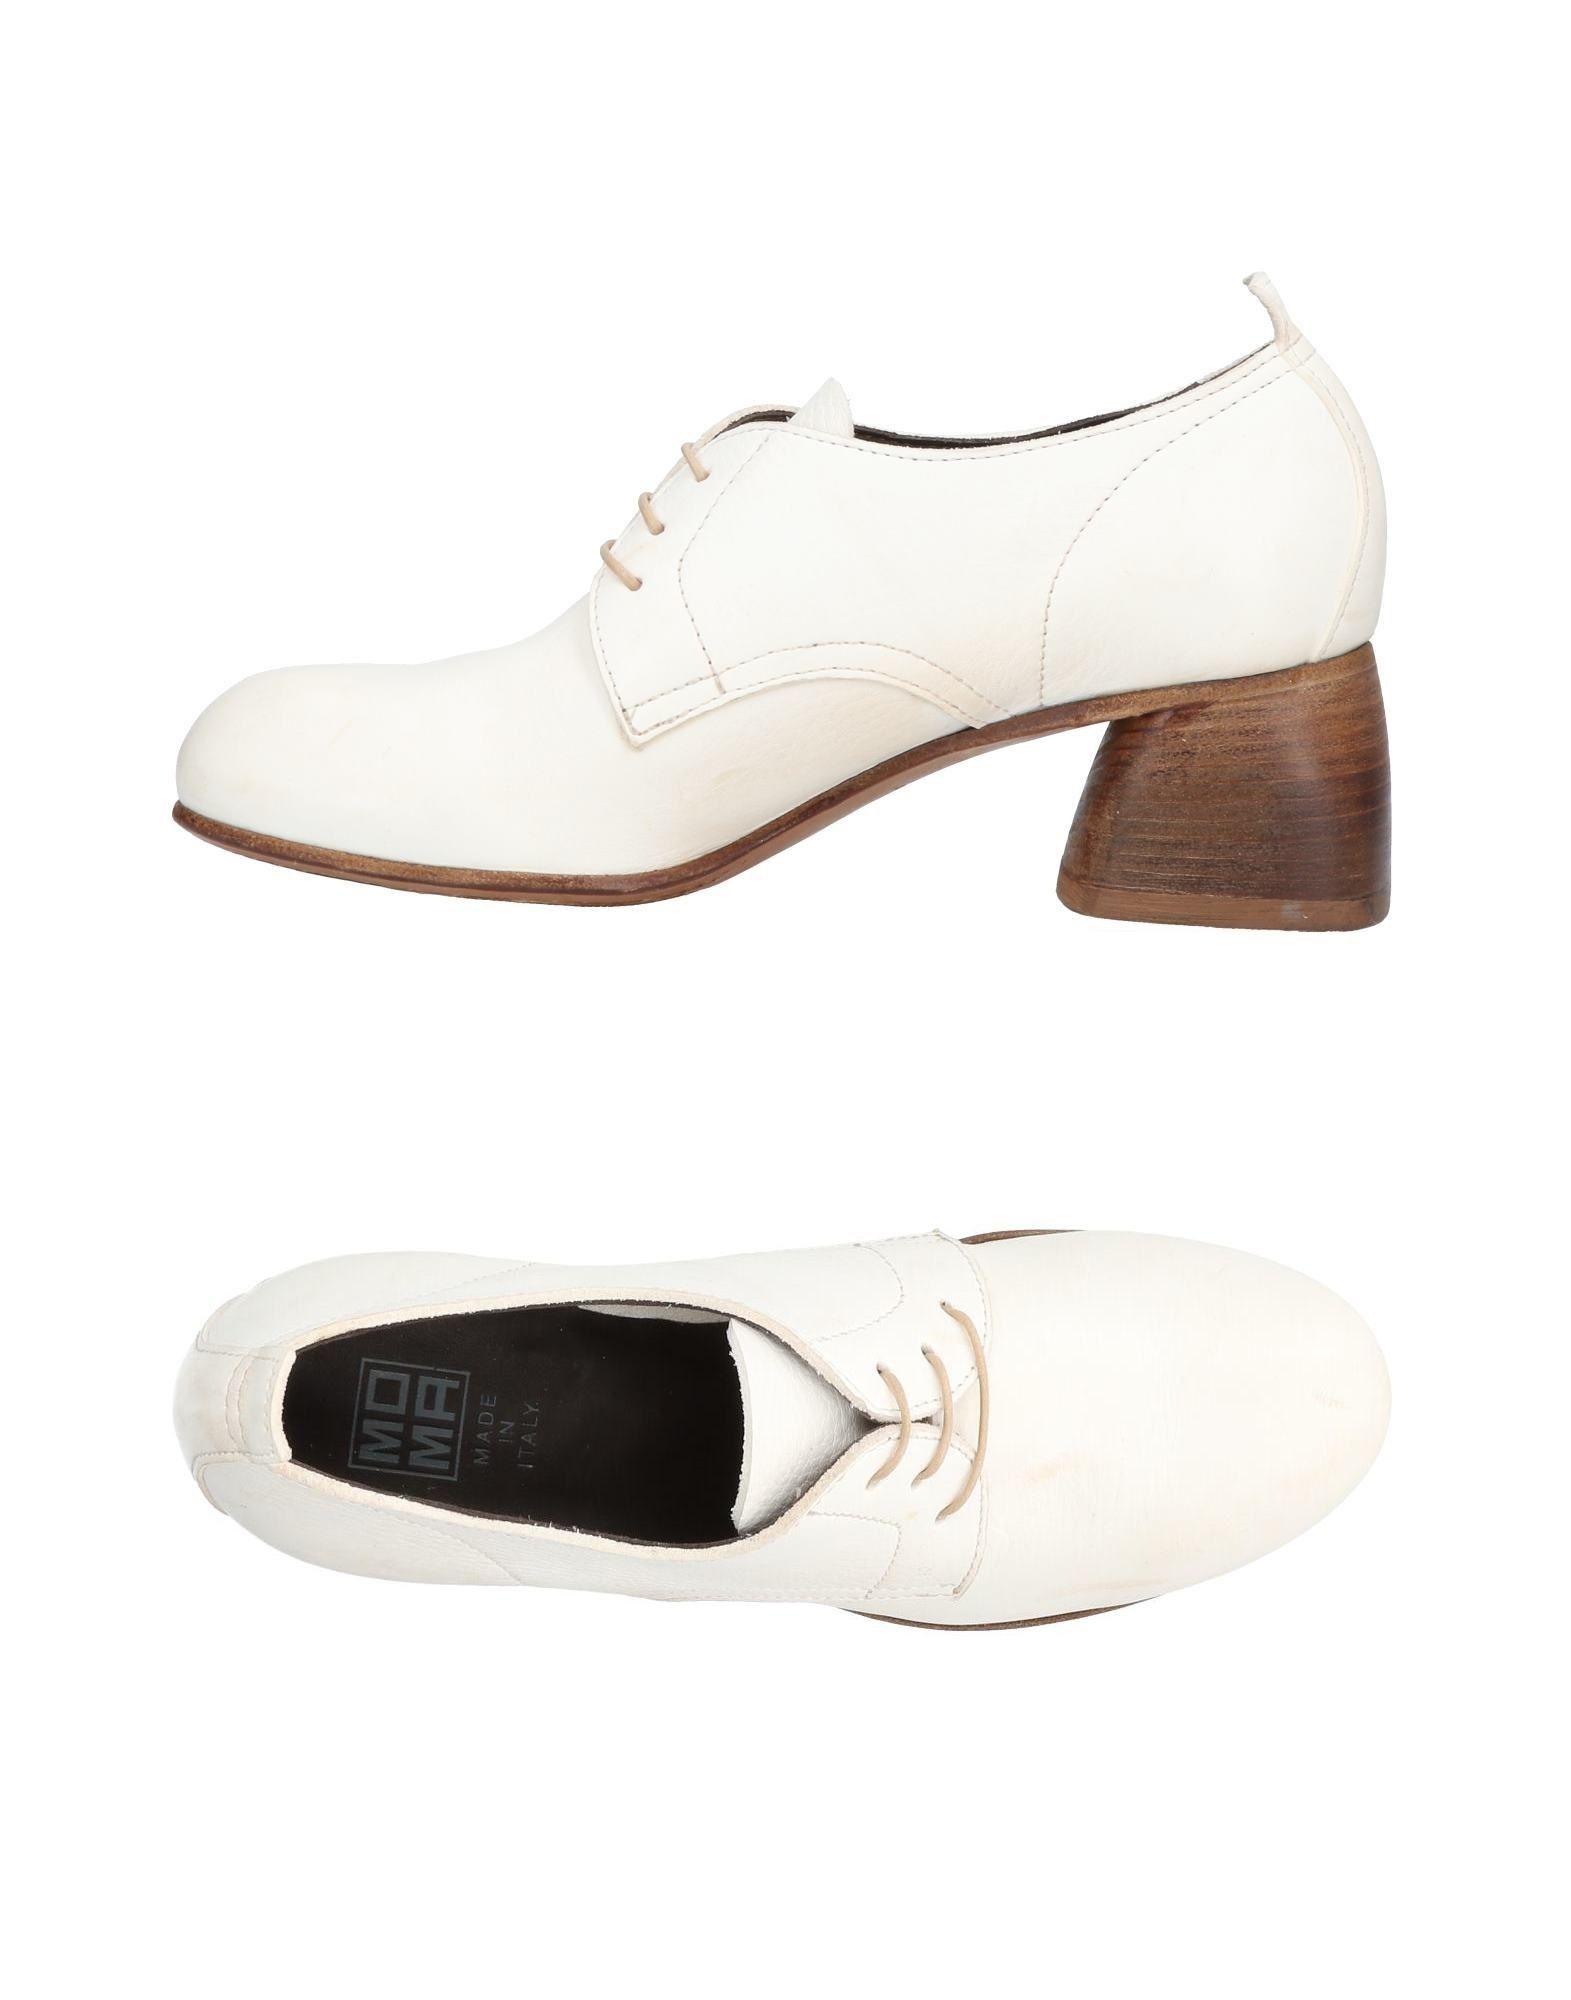 Moma Schnürschuhe Damen  11420205AFGut aussehende strapazierfähige strapazierfähige strapazierfähige Schuhe 4295b4